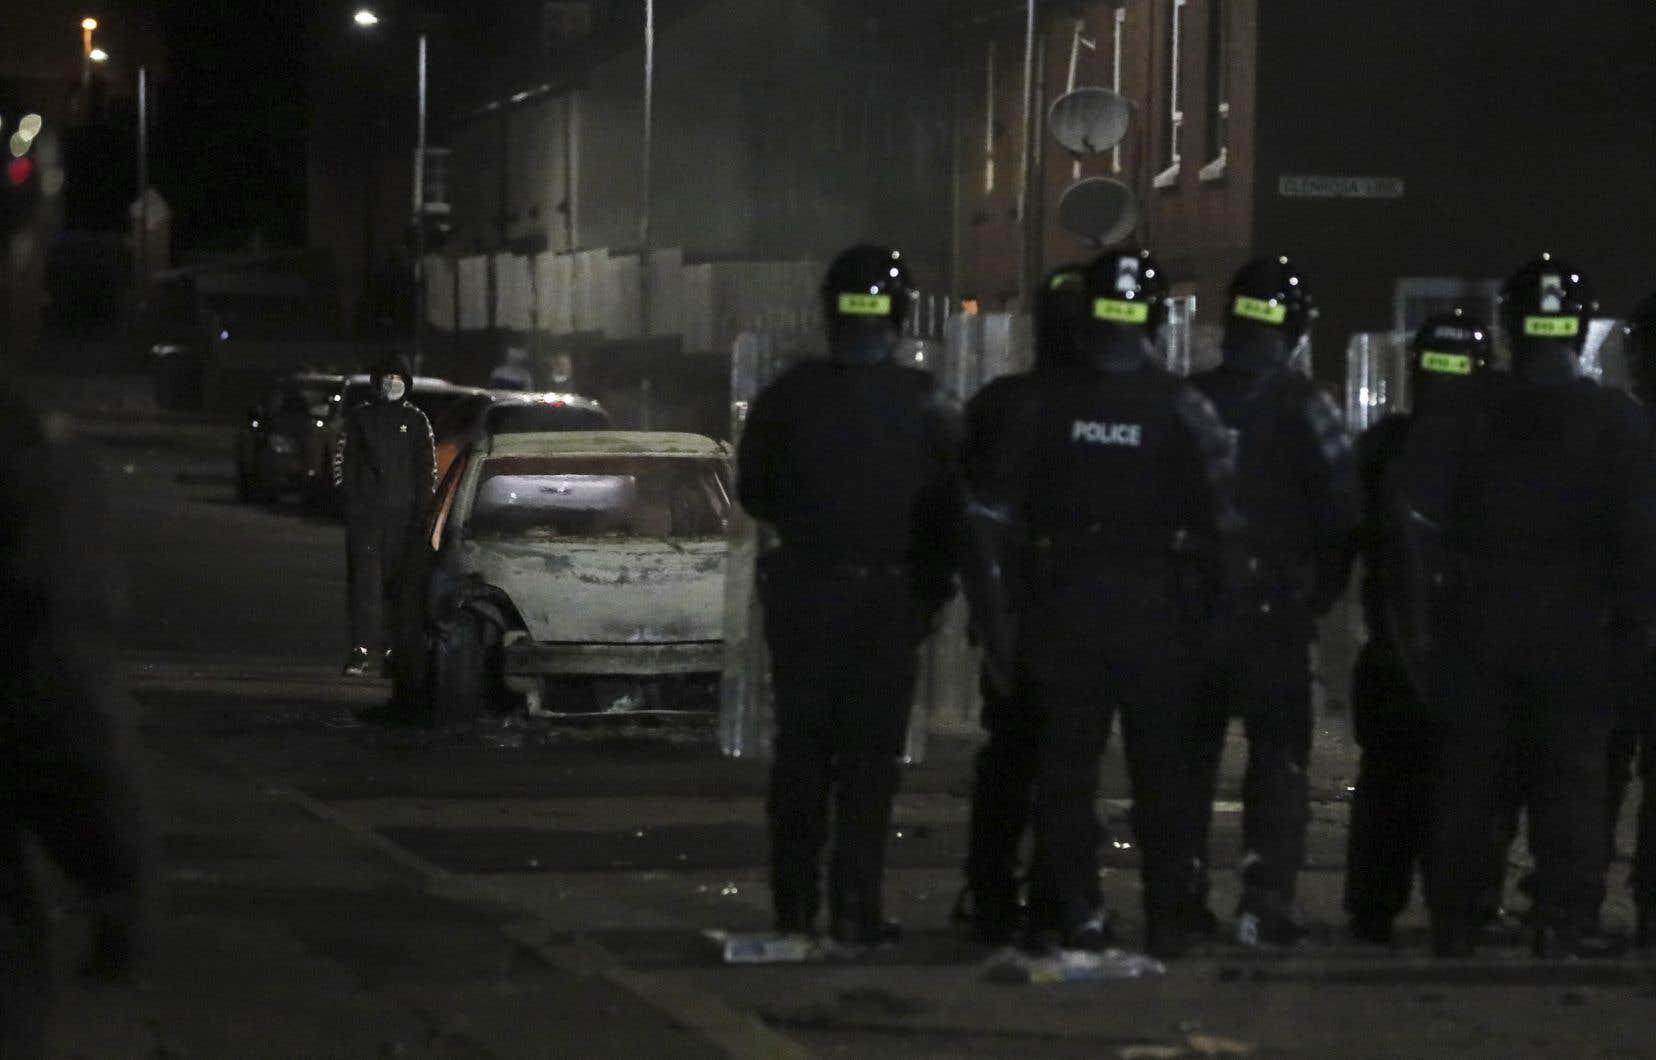 À Belfast, des heurts ont eu lieudans la nuit de vendredi à samedi.Des cocktails Molotov et des projectiles ont été lancés sur des policiers, a indiqué le service de police de la ville.